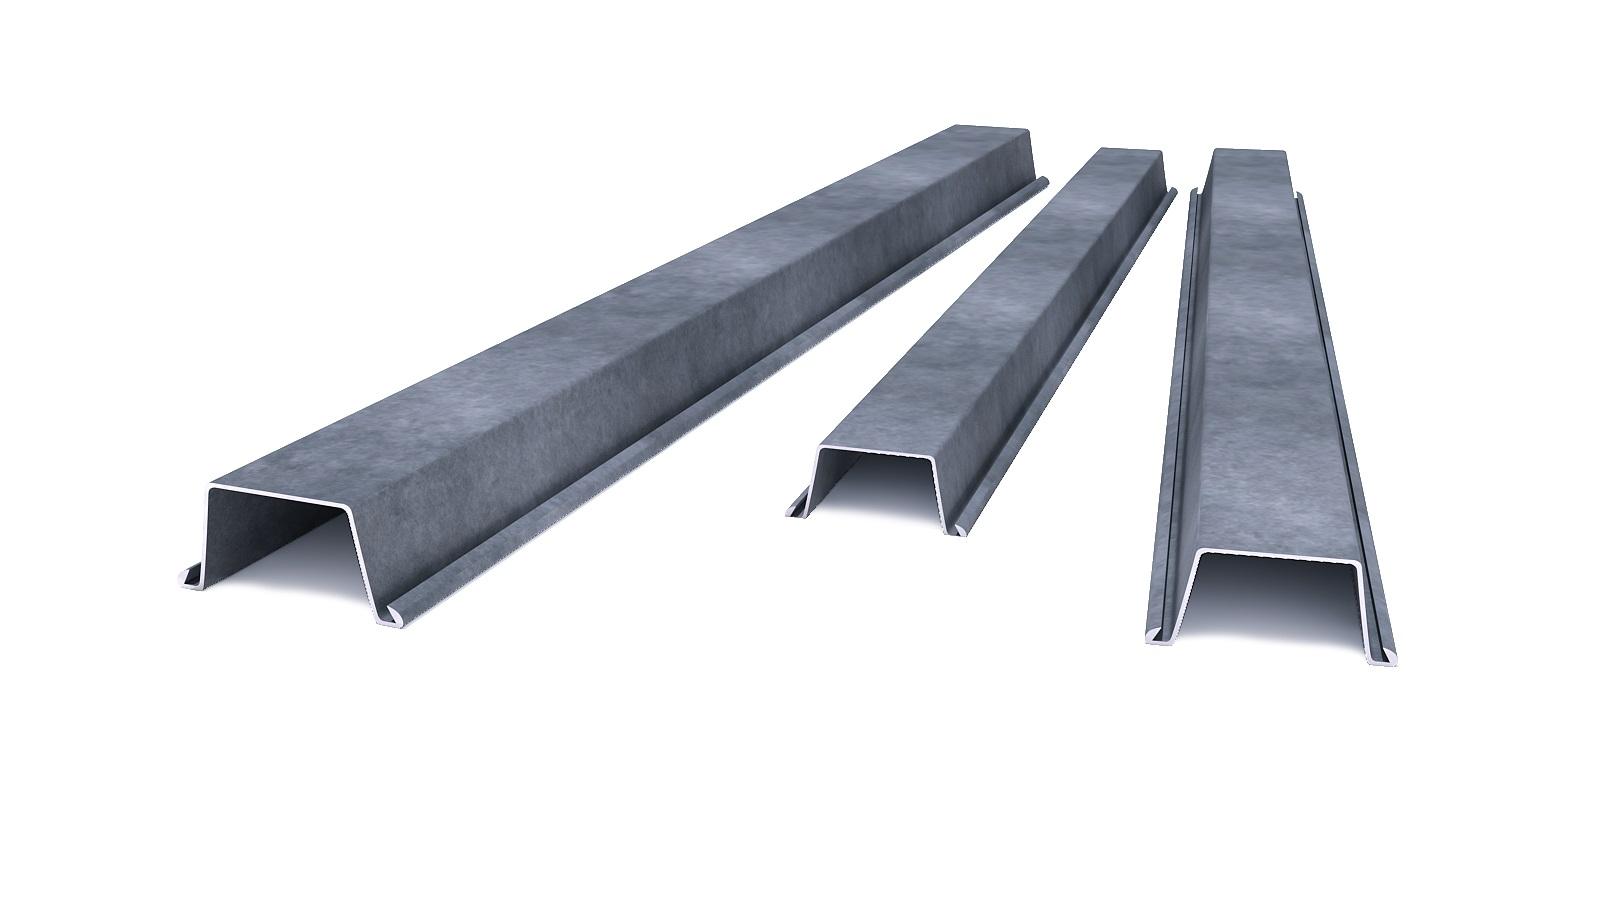 Металлические шпунты VL 606A: преимущества и особенности